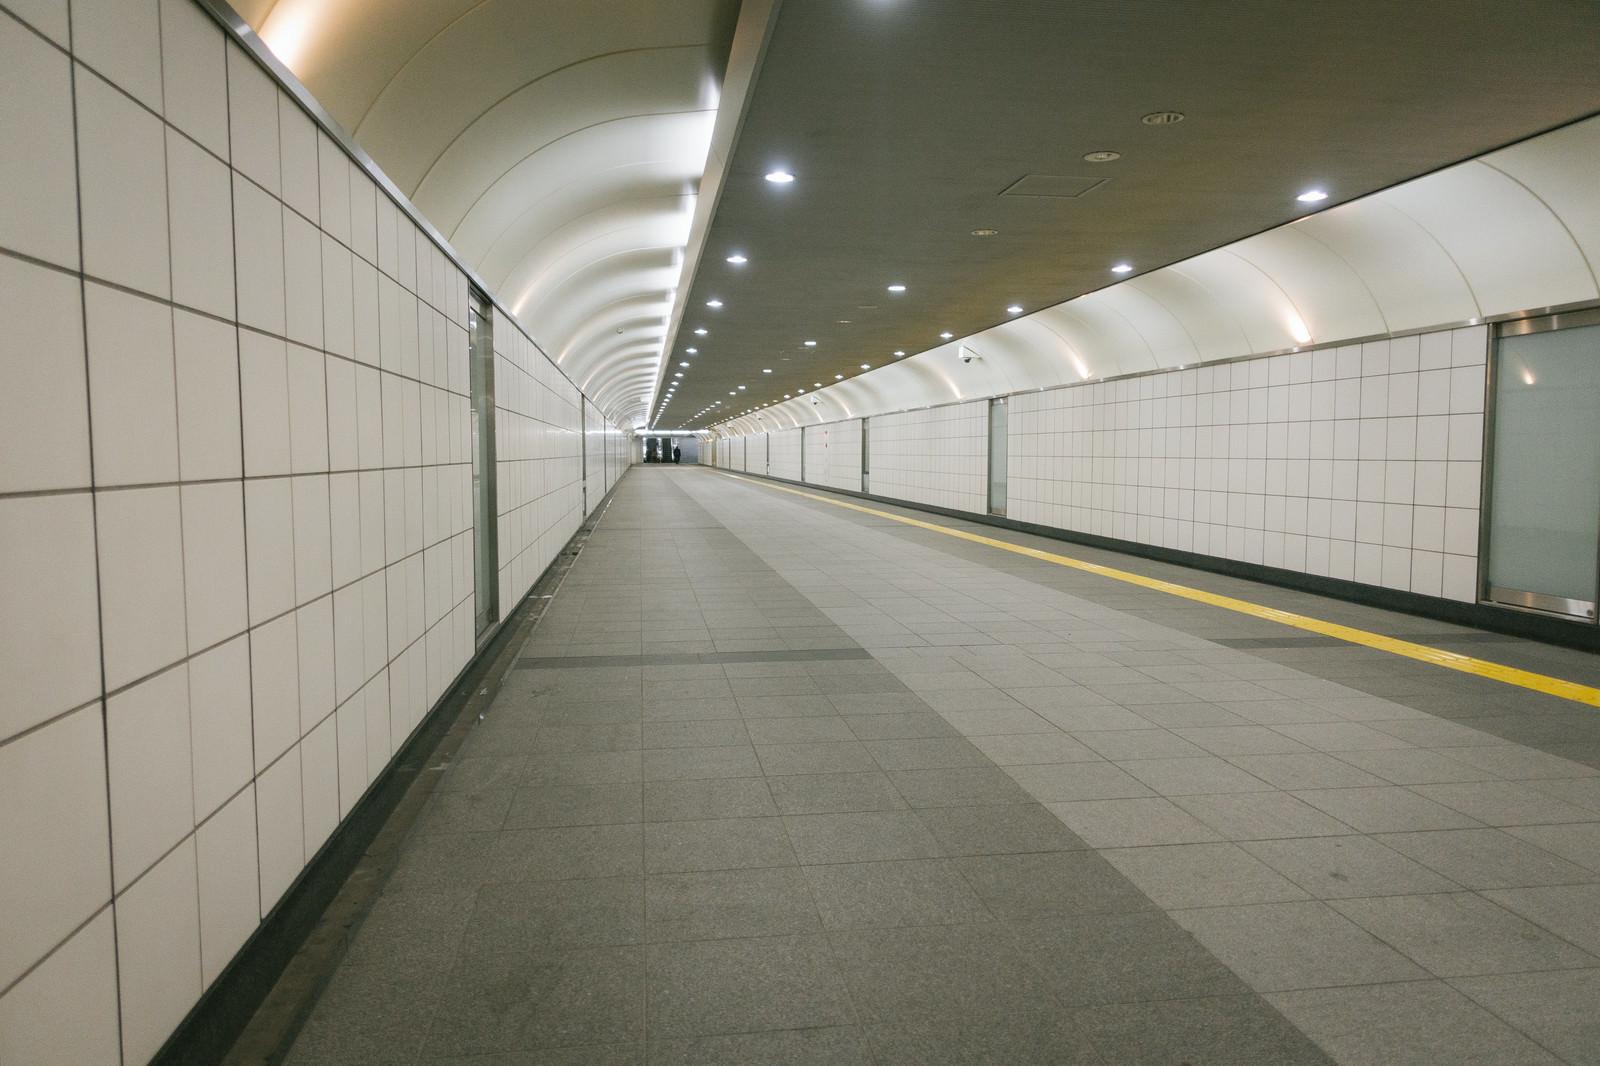 「新宿三丁目駅構内E10出口に向かう通路新宿三丁目駅構内E10出口に向かう通路」のフリー写真素材を拡大